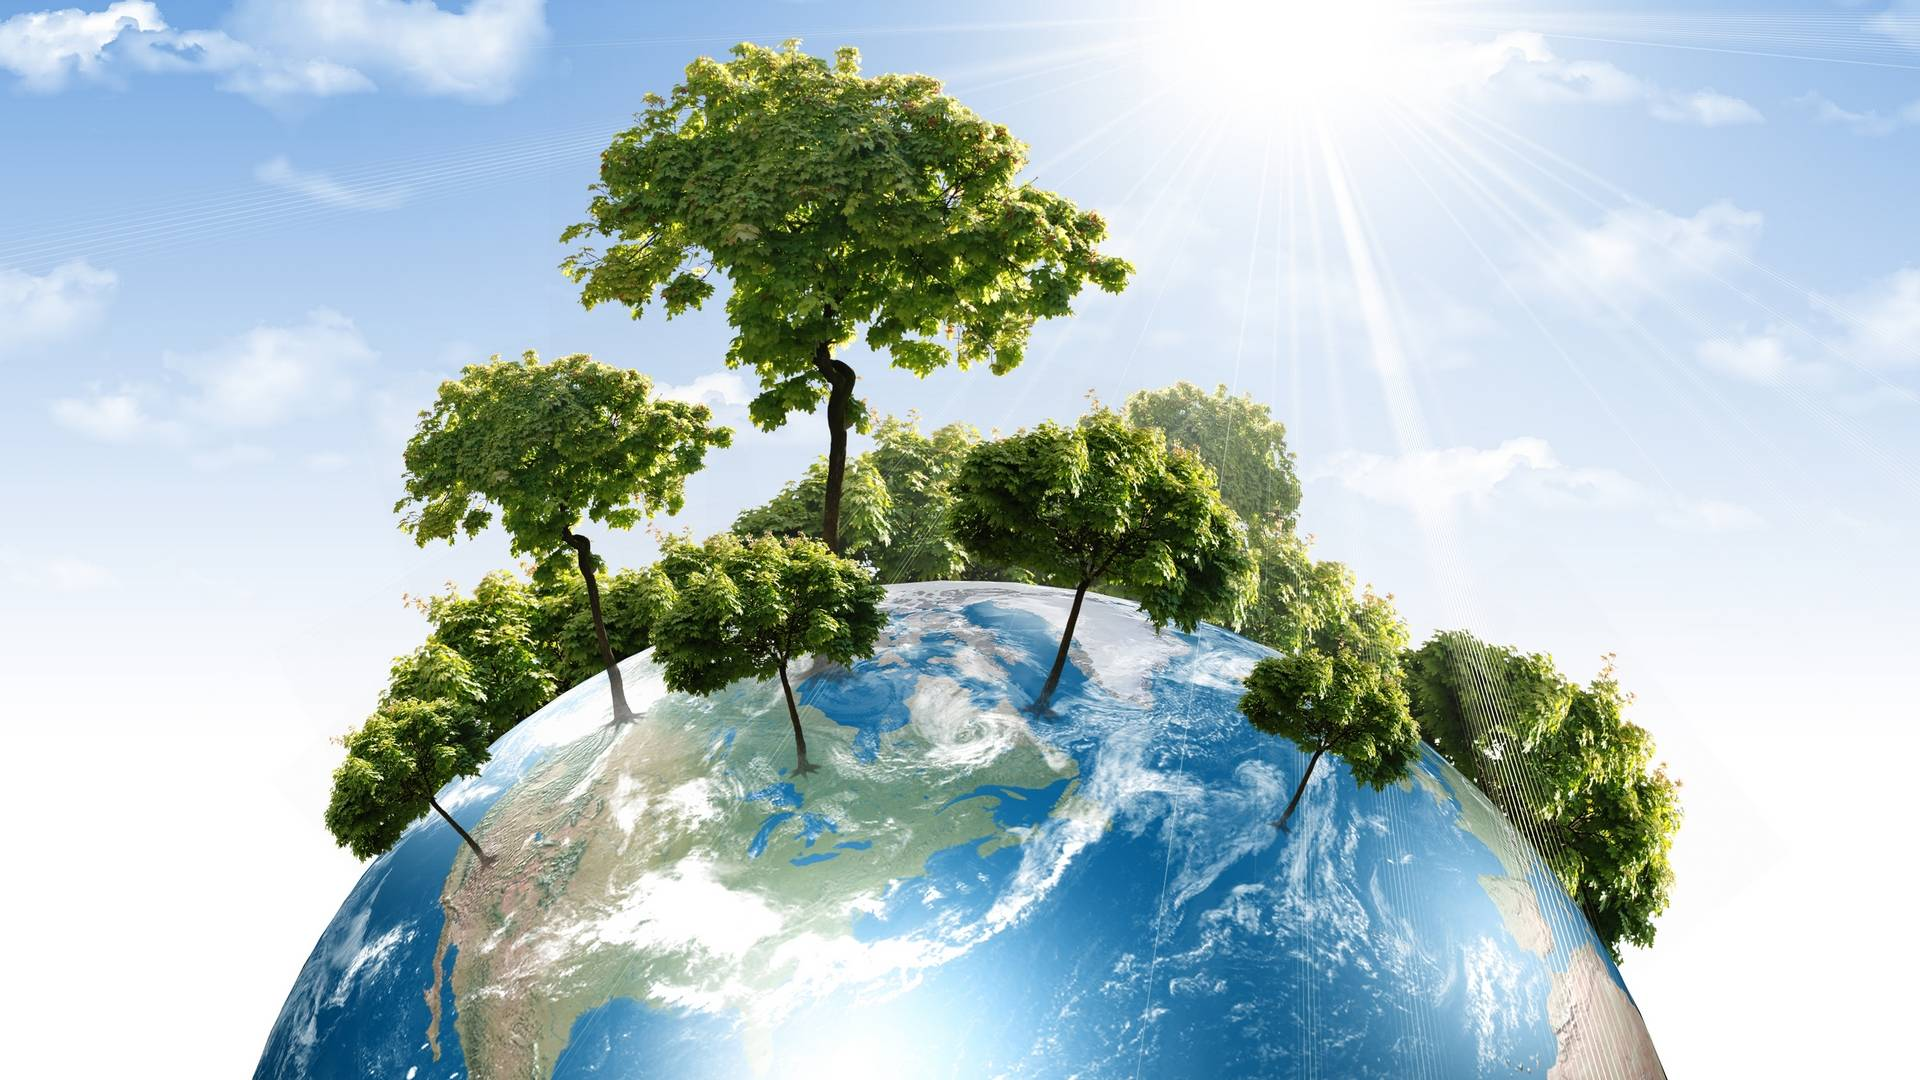 обои планета Земля, деревья, солнце, небо картинки фото